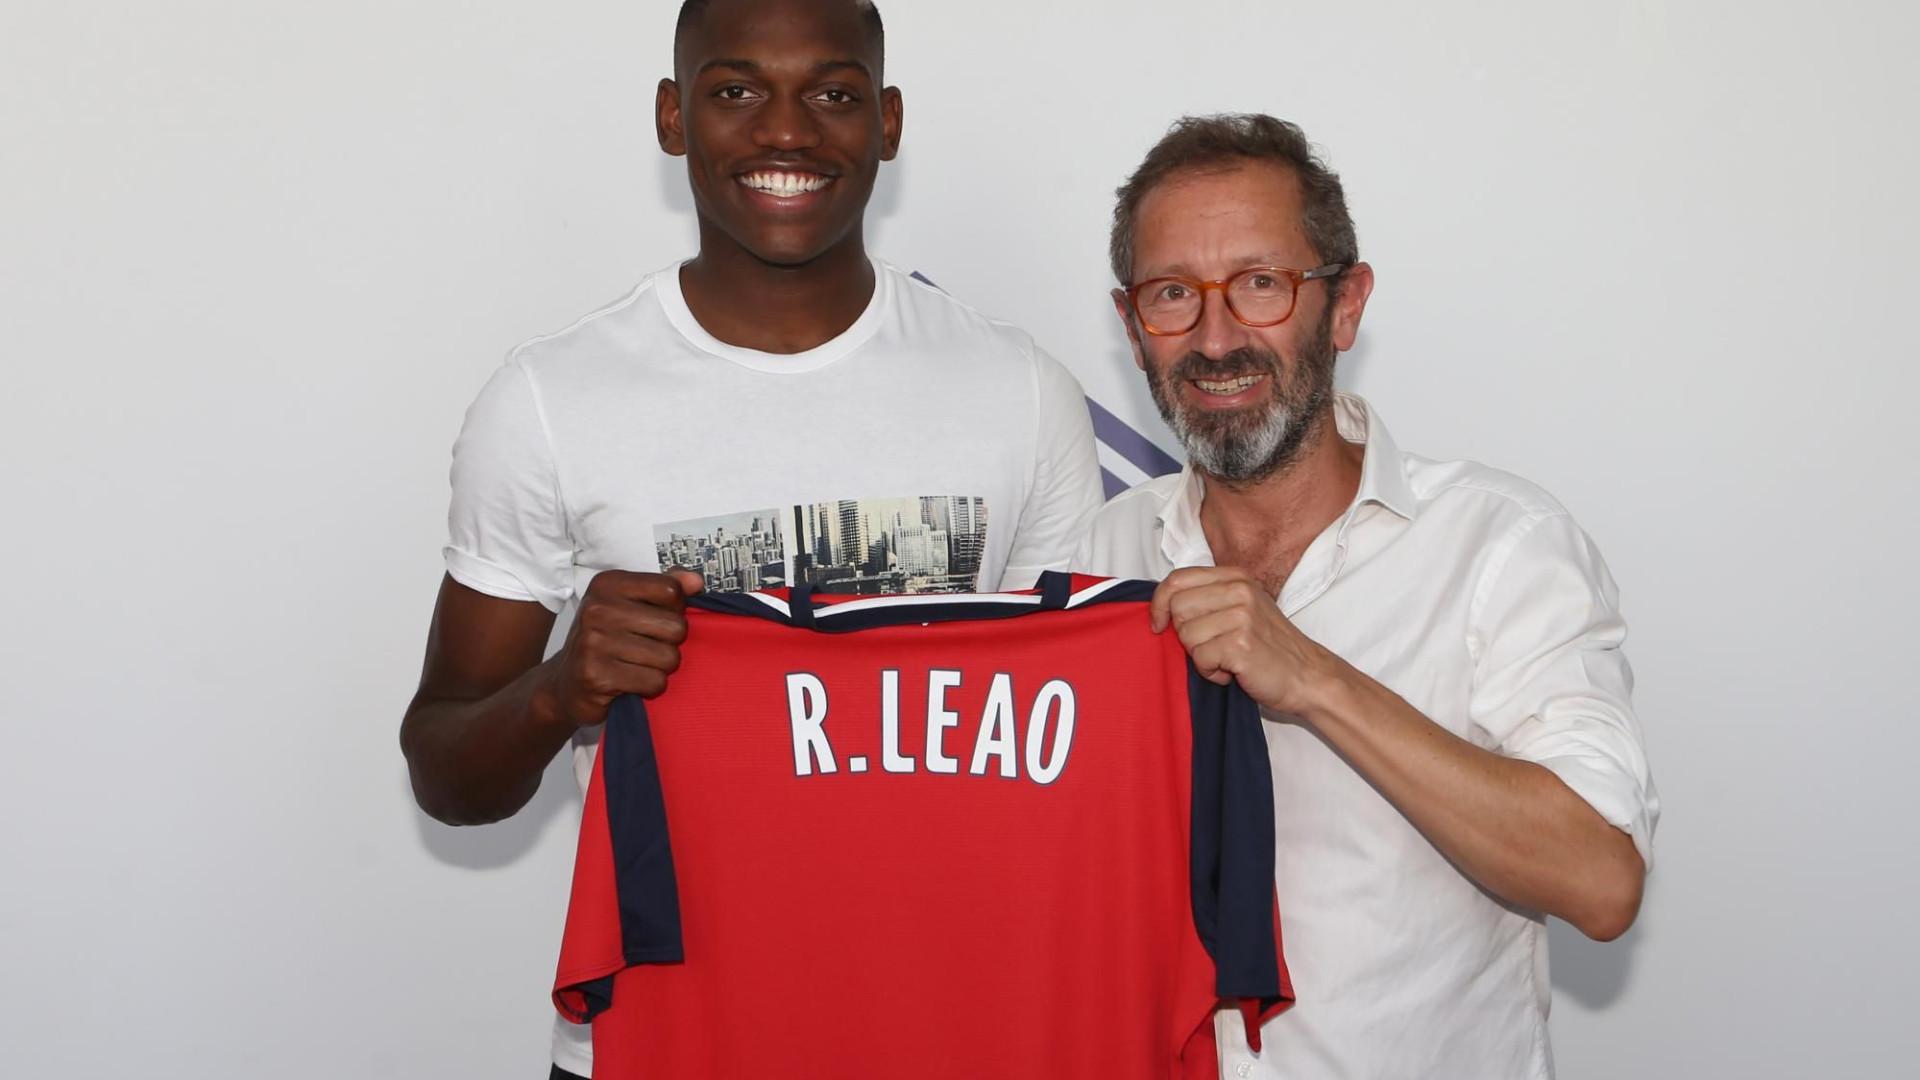 Rafael Leão impedido de jogar devido a problemas financeiros do Lille